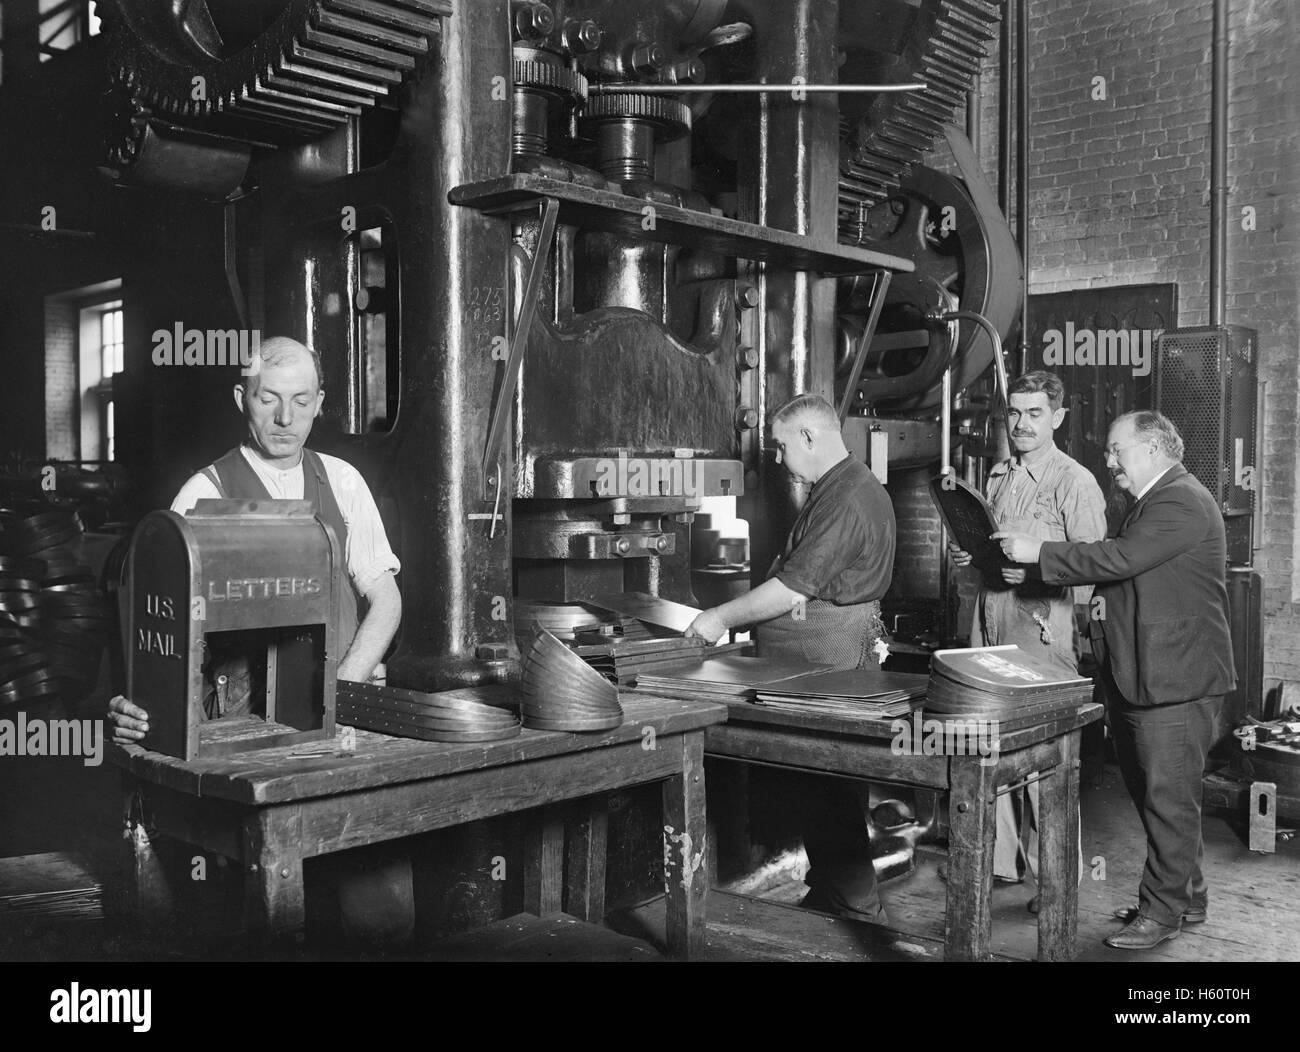 Lavoratori che fanno le cassette postali, Washington Navy Yard, Washington DC, Stati Uniti d'America, nazionale Immagini Stock